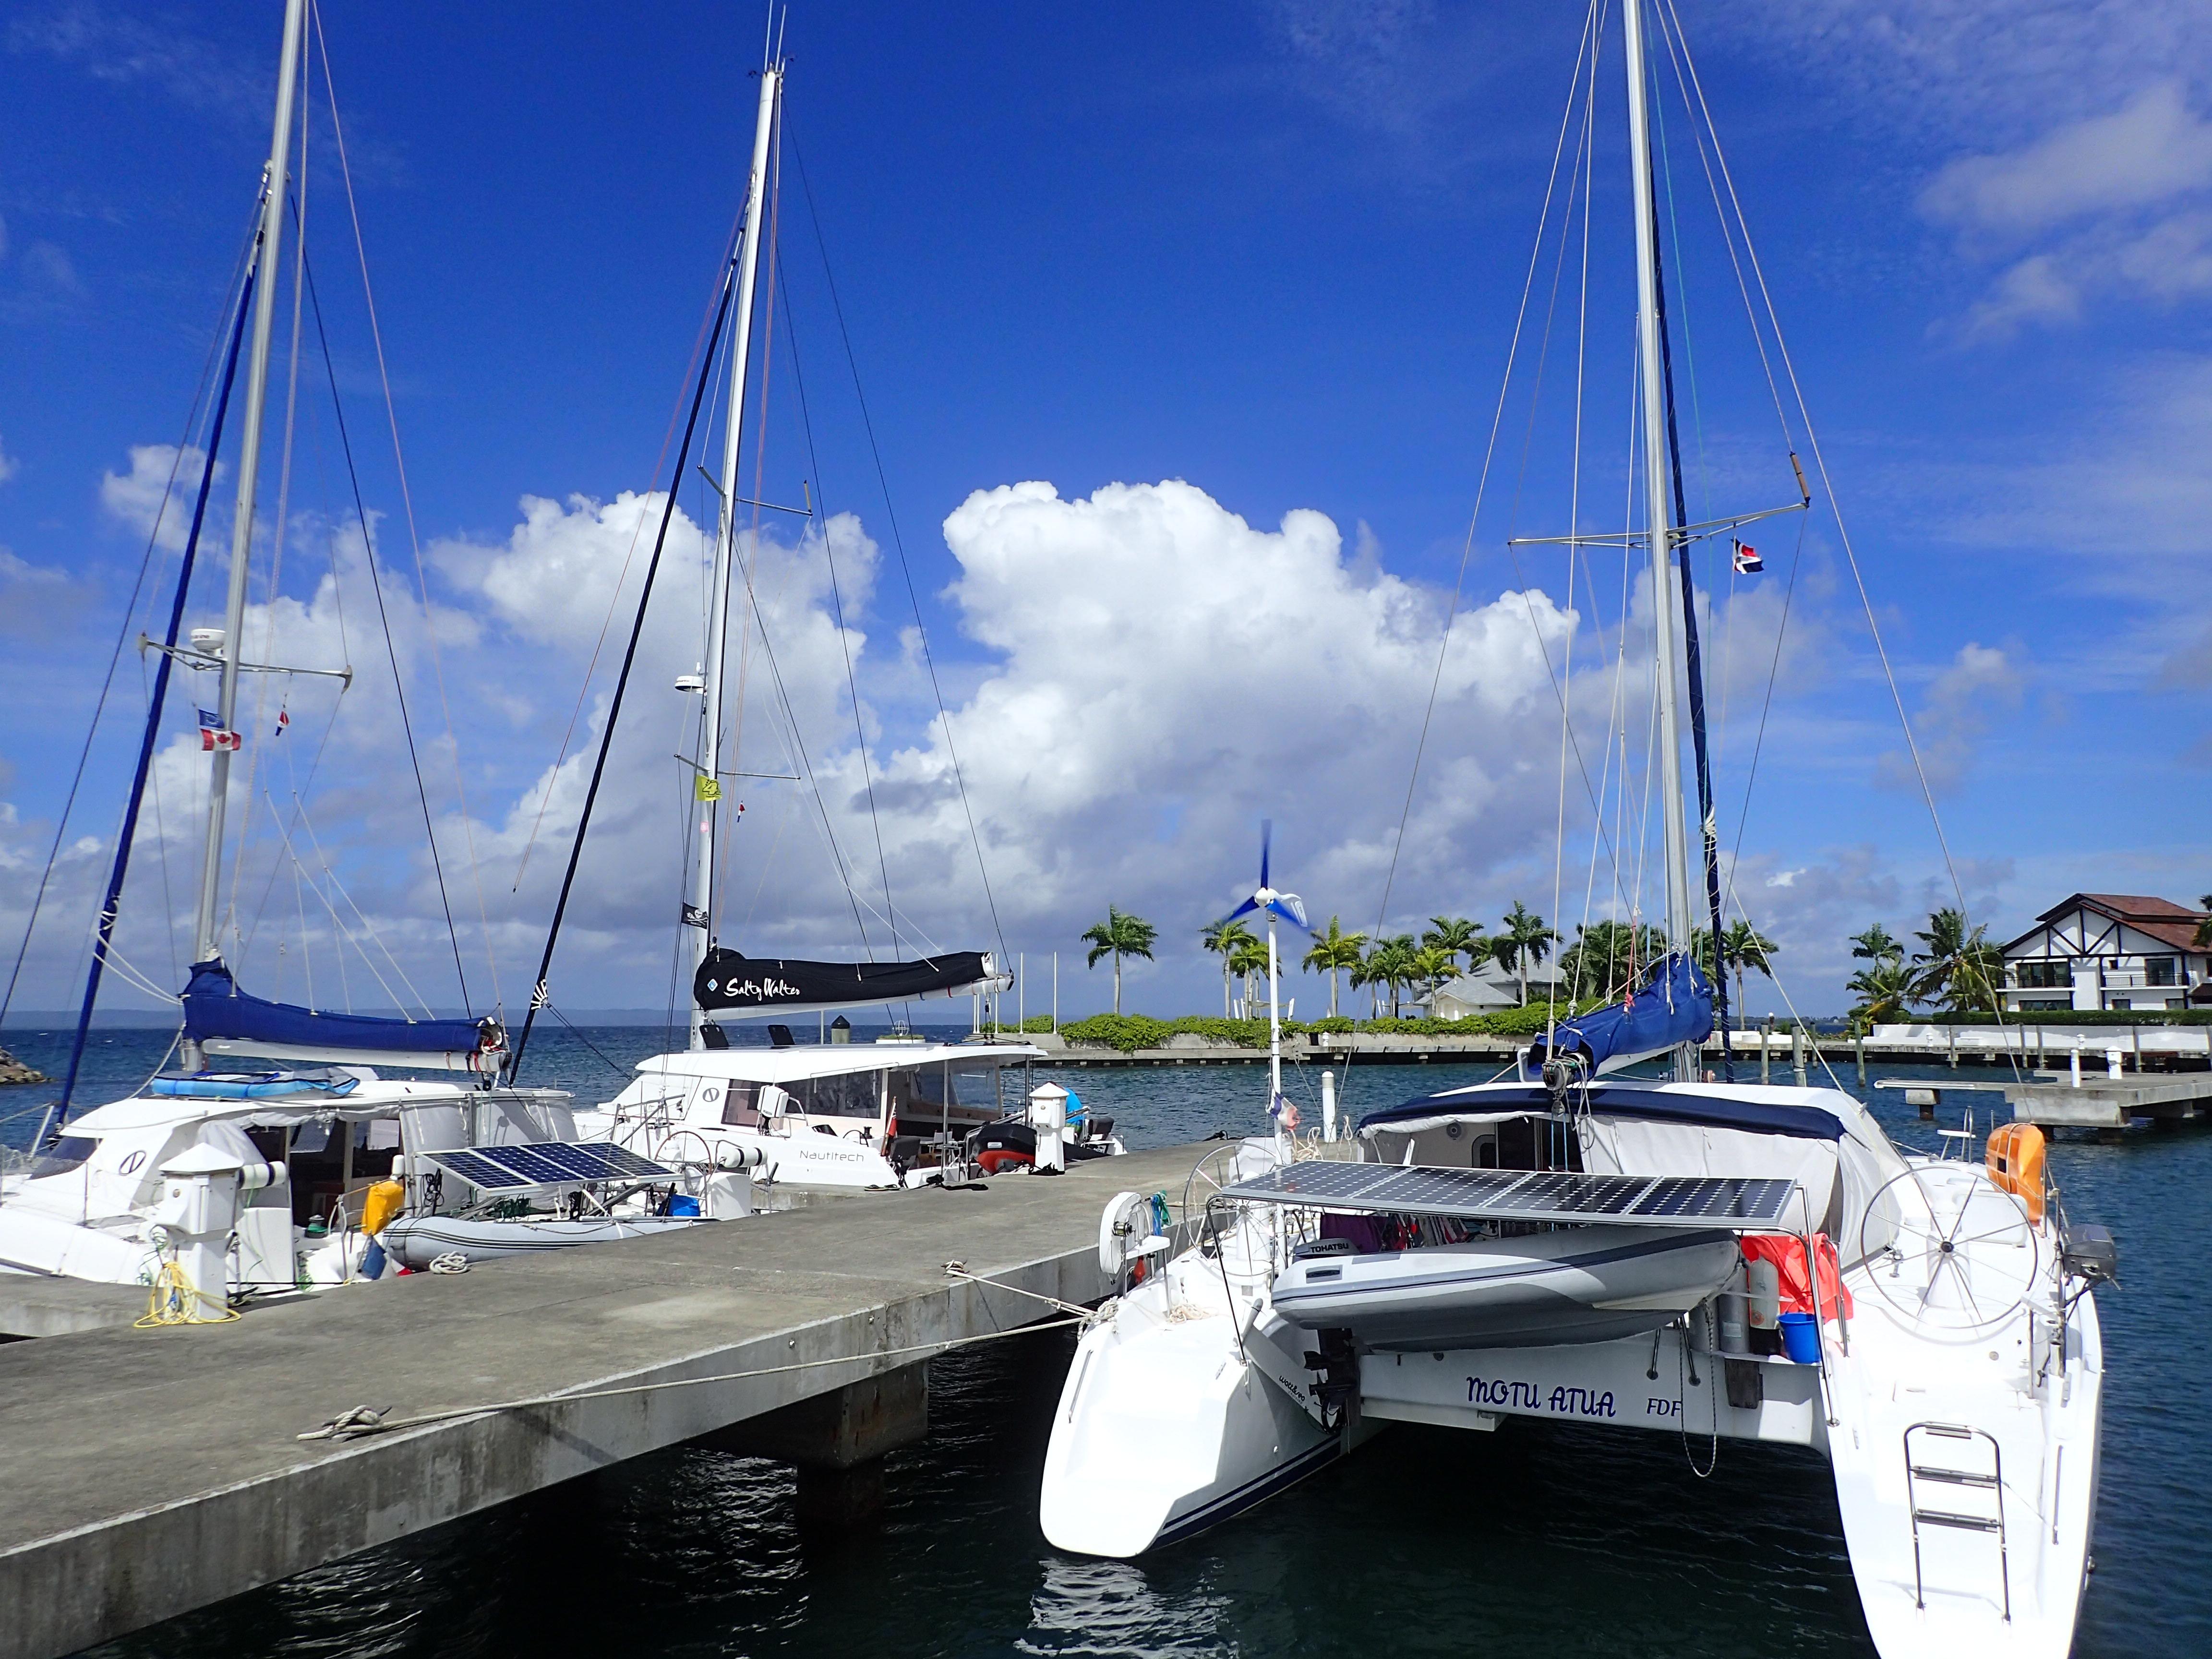 Nautitech 40 et 40 open, Nautitech 435, se retrouvent le même jour à Puerto Bahia en République Dominicaine,sur le même ponton.